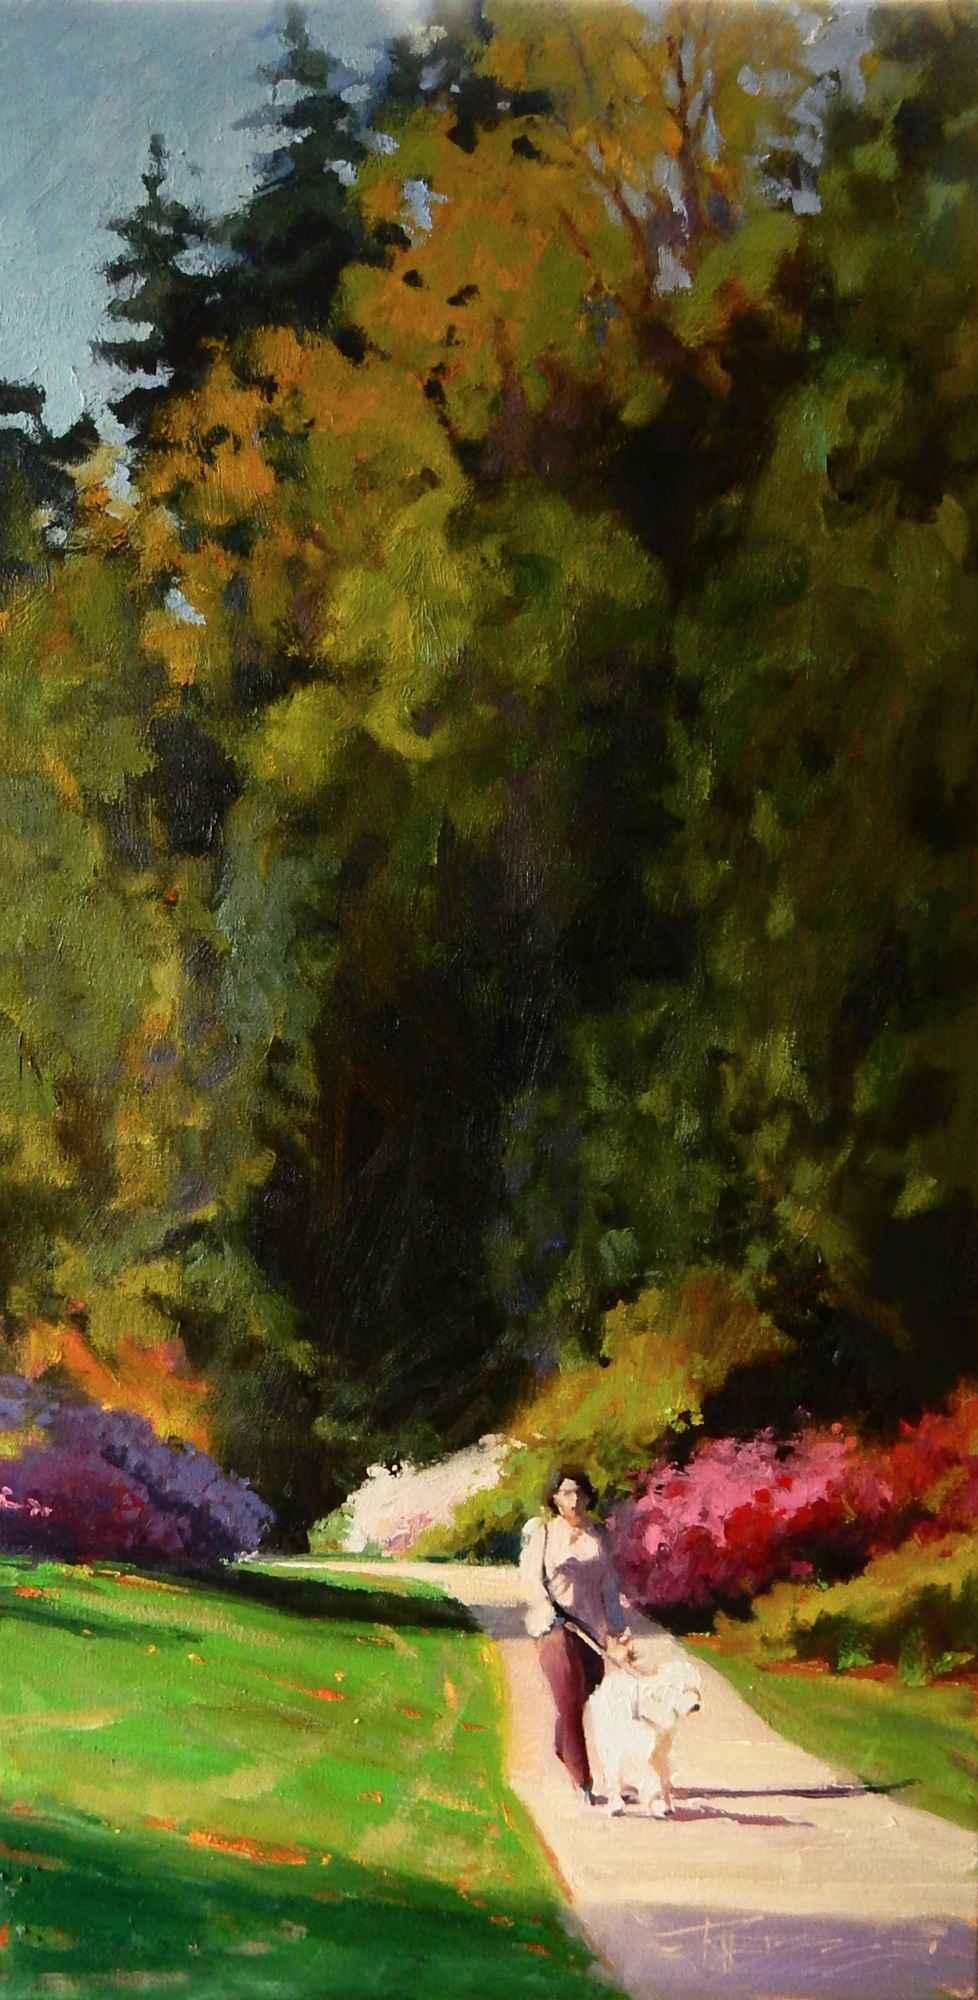 Arboretum Spring by  Robin Weiss - Masterpiece Online